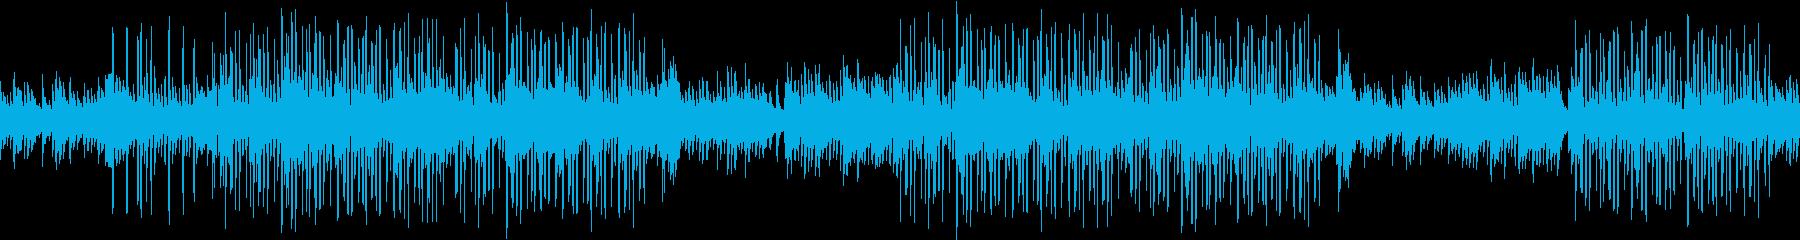 センチメンタル・懐かしい・感動・ピアノの再生済みの波形